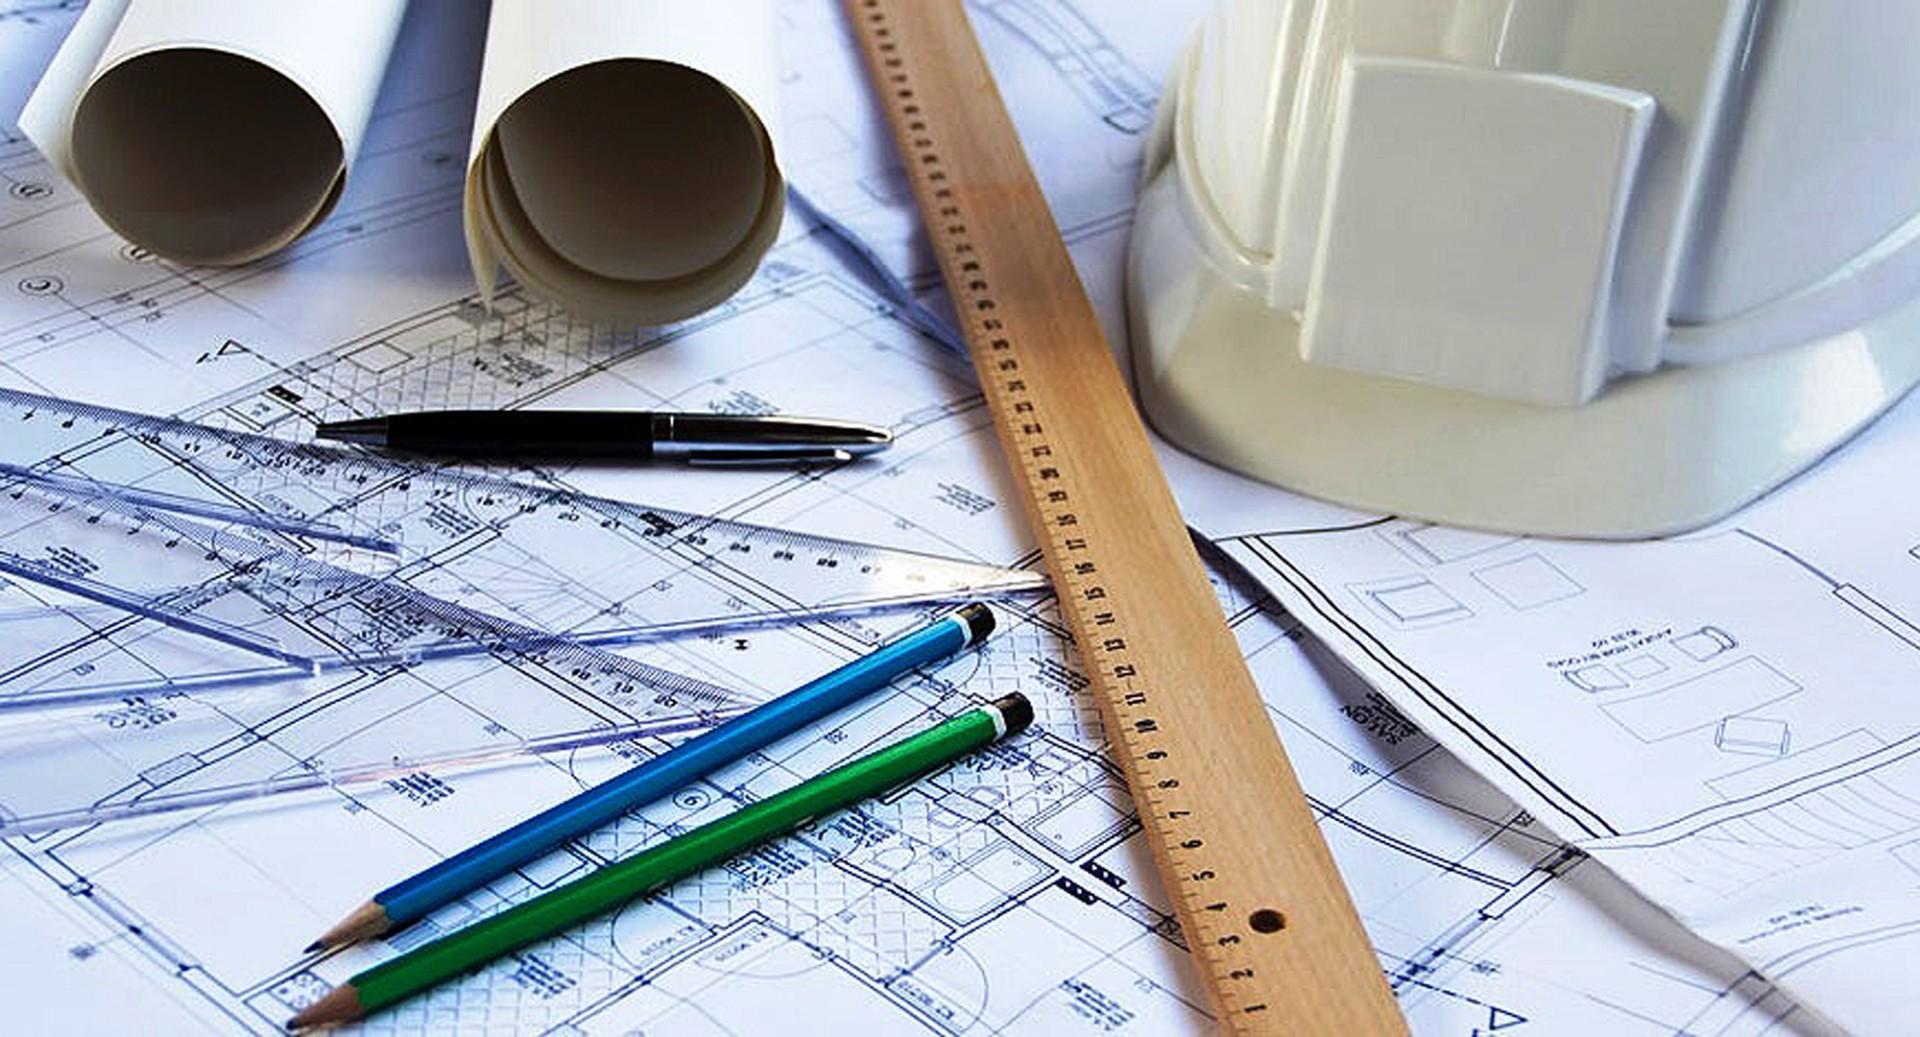 Captar clientes é a fase mais desafiadora na carreira do engenheiro civil que se propõe a empreender Crédito: Banco de Imagens